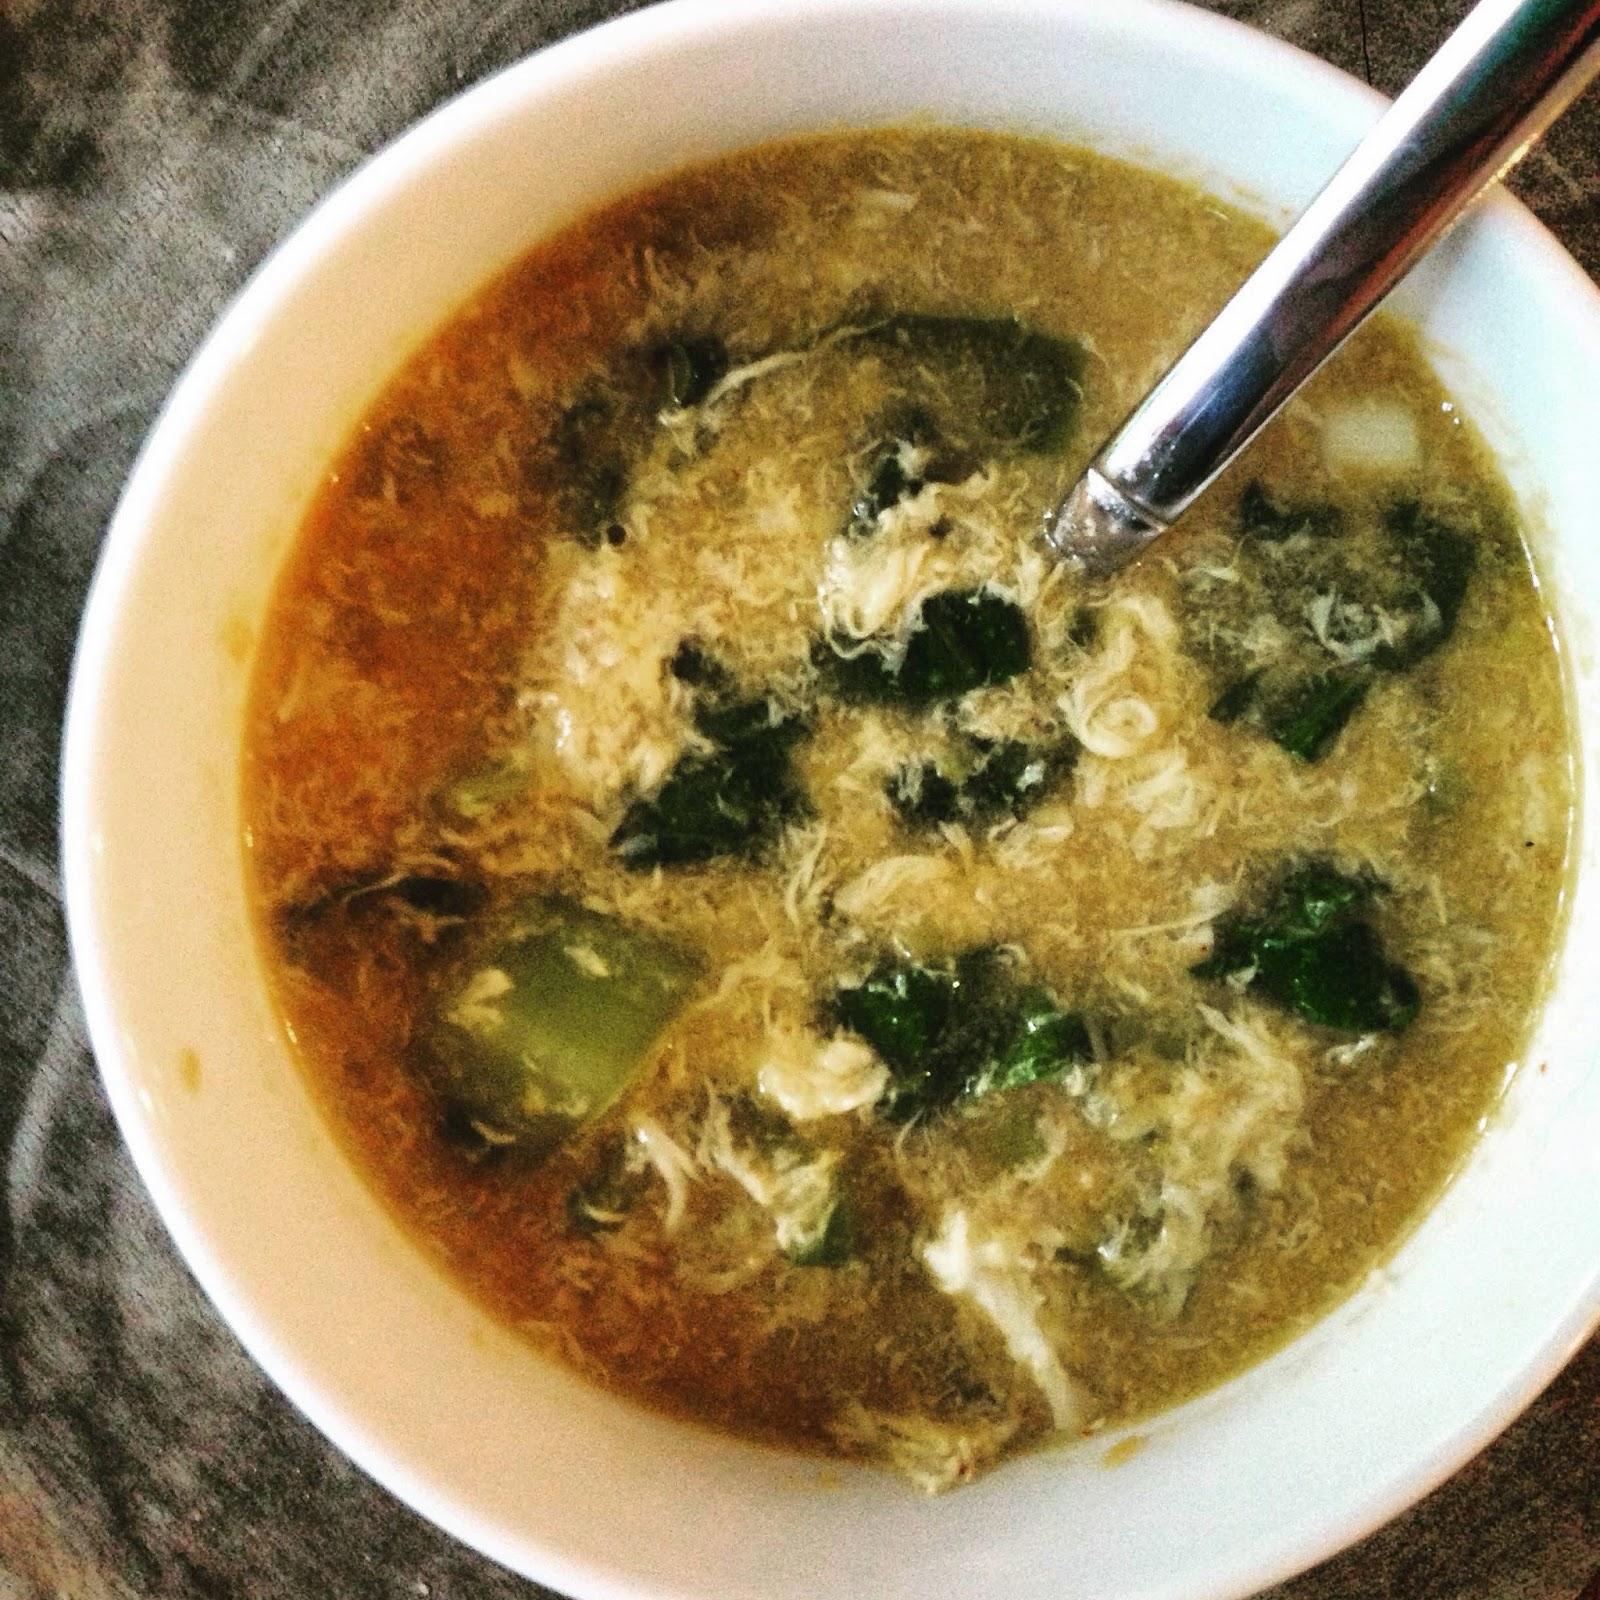 Vanilla Garlic Sick Gochujang Egg Flower Soup